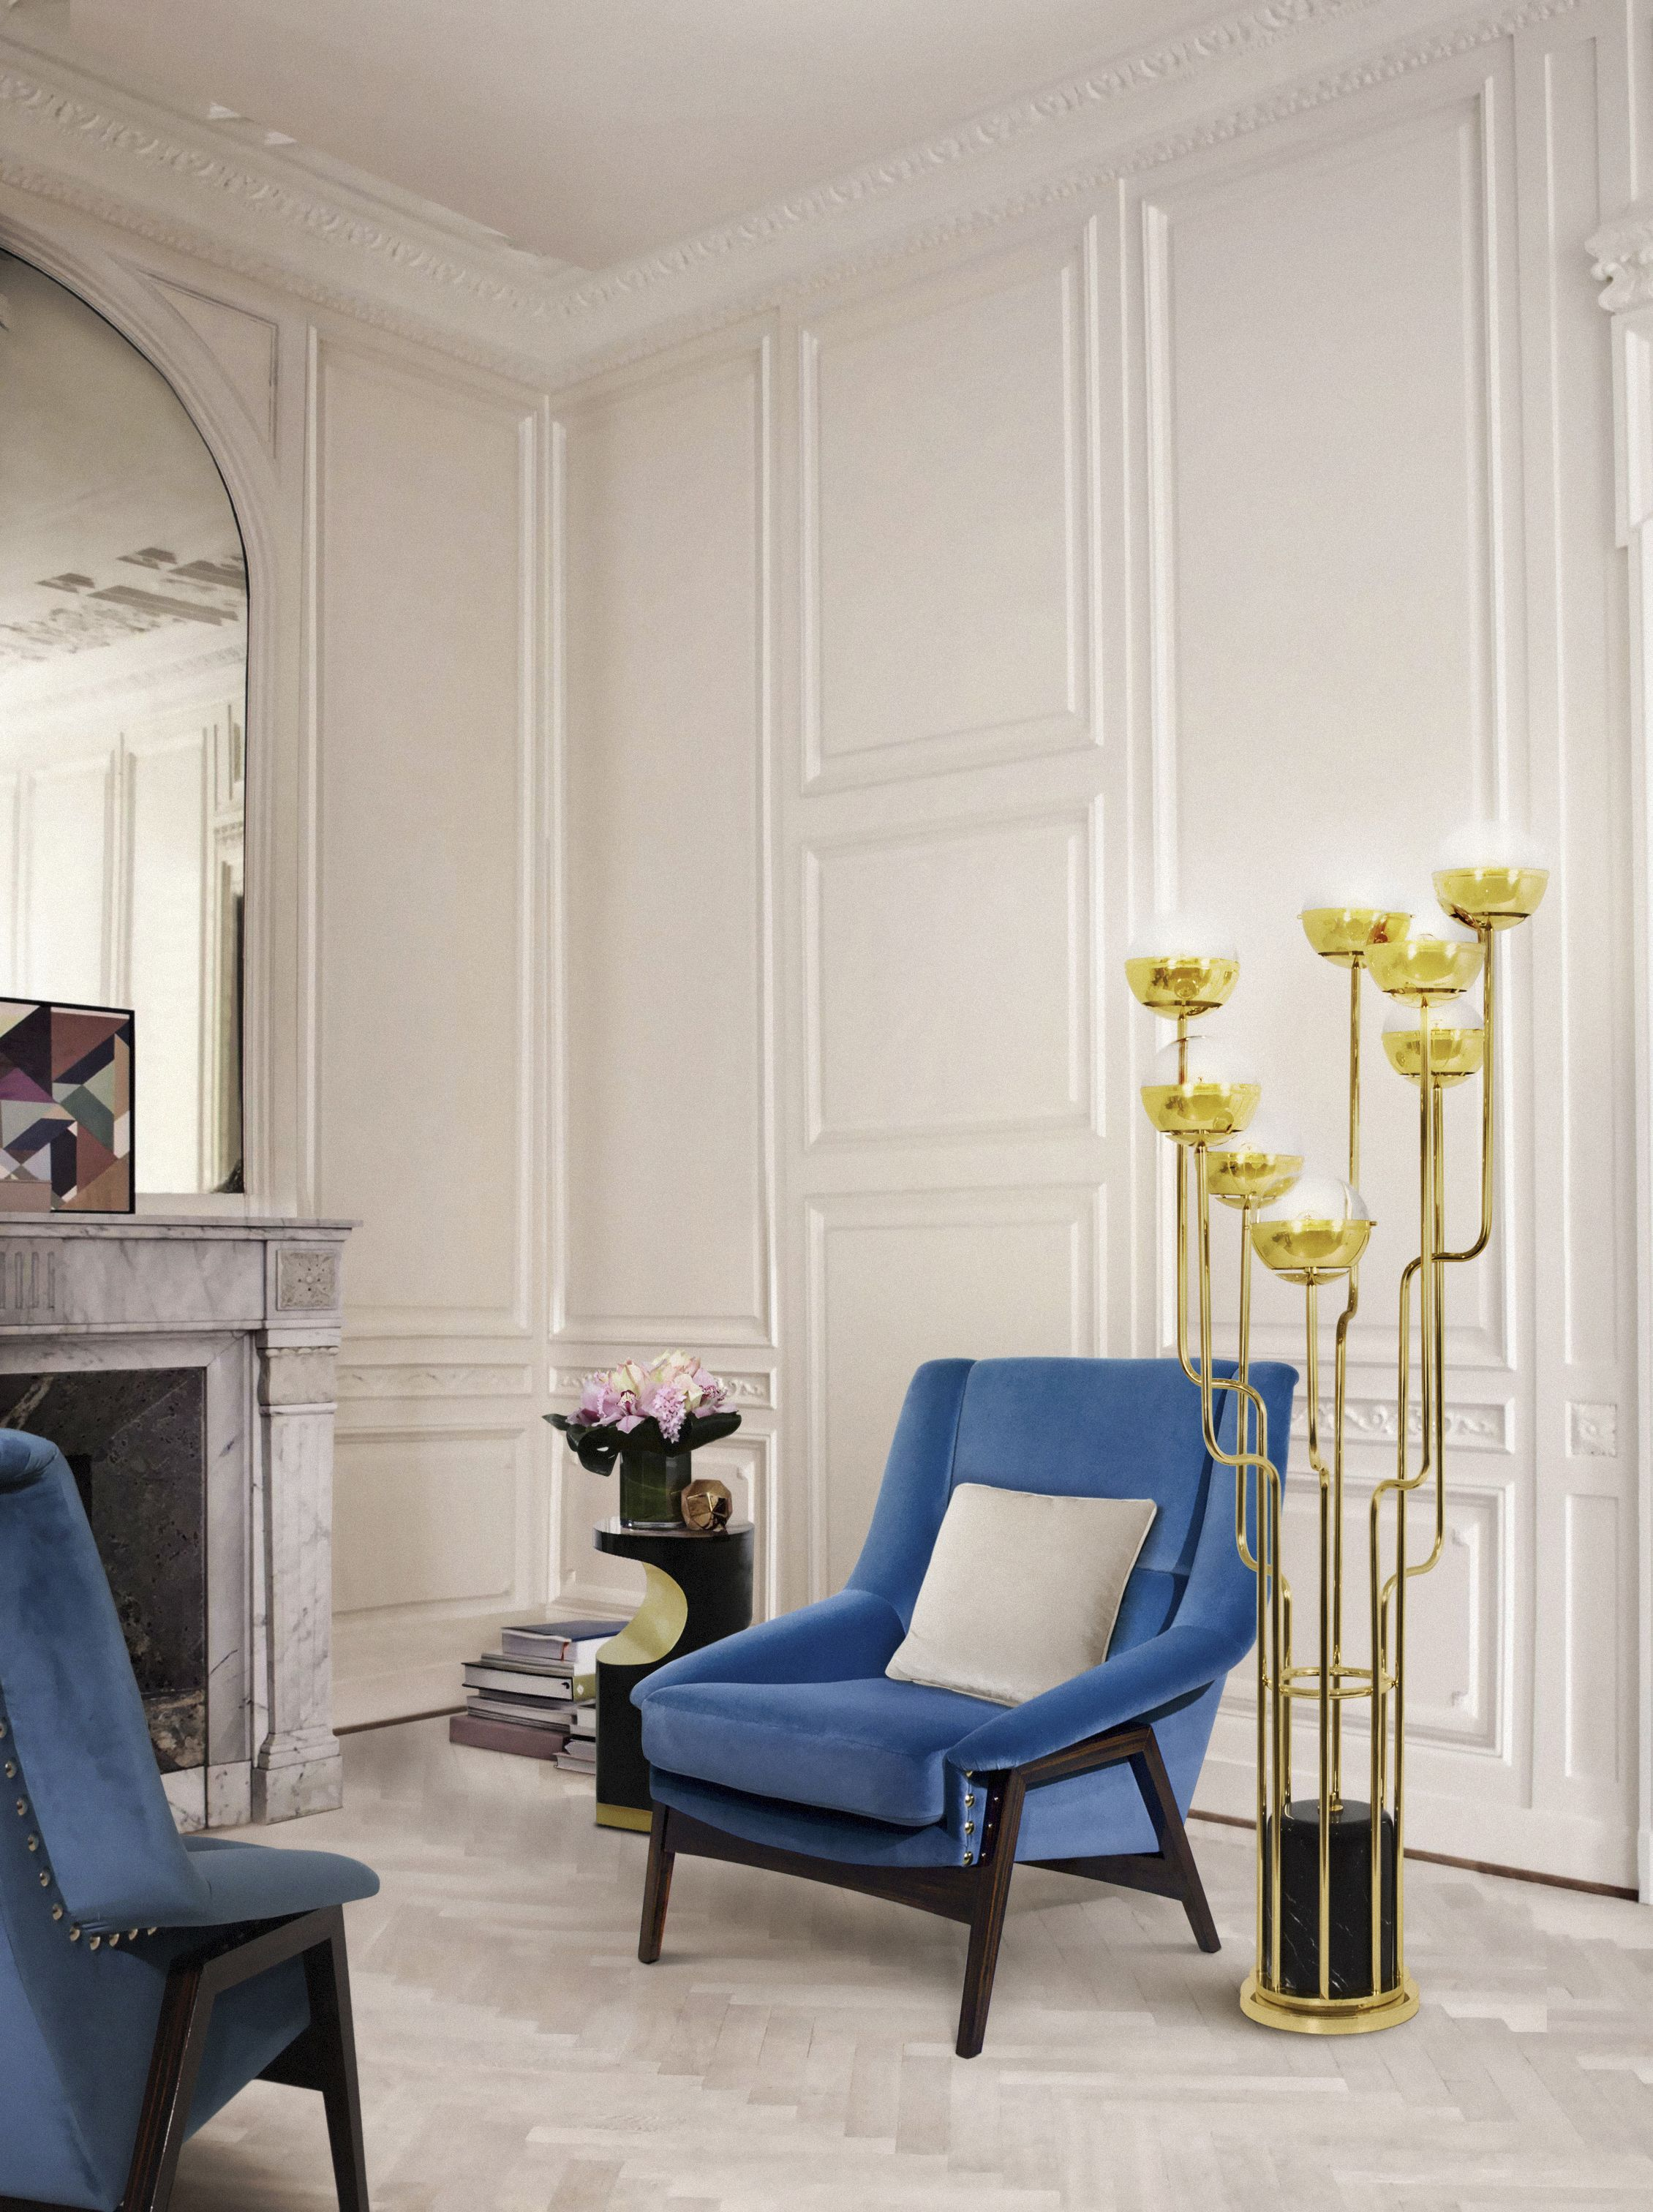 Herbst 2017: Luxuriöse Wohnzimmer Für Den Herbst | Wohnzimmer Ideen | Luxus  Möbel | Klassisch